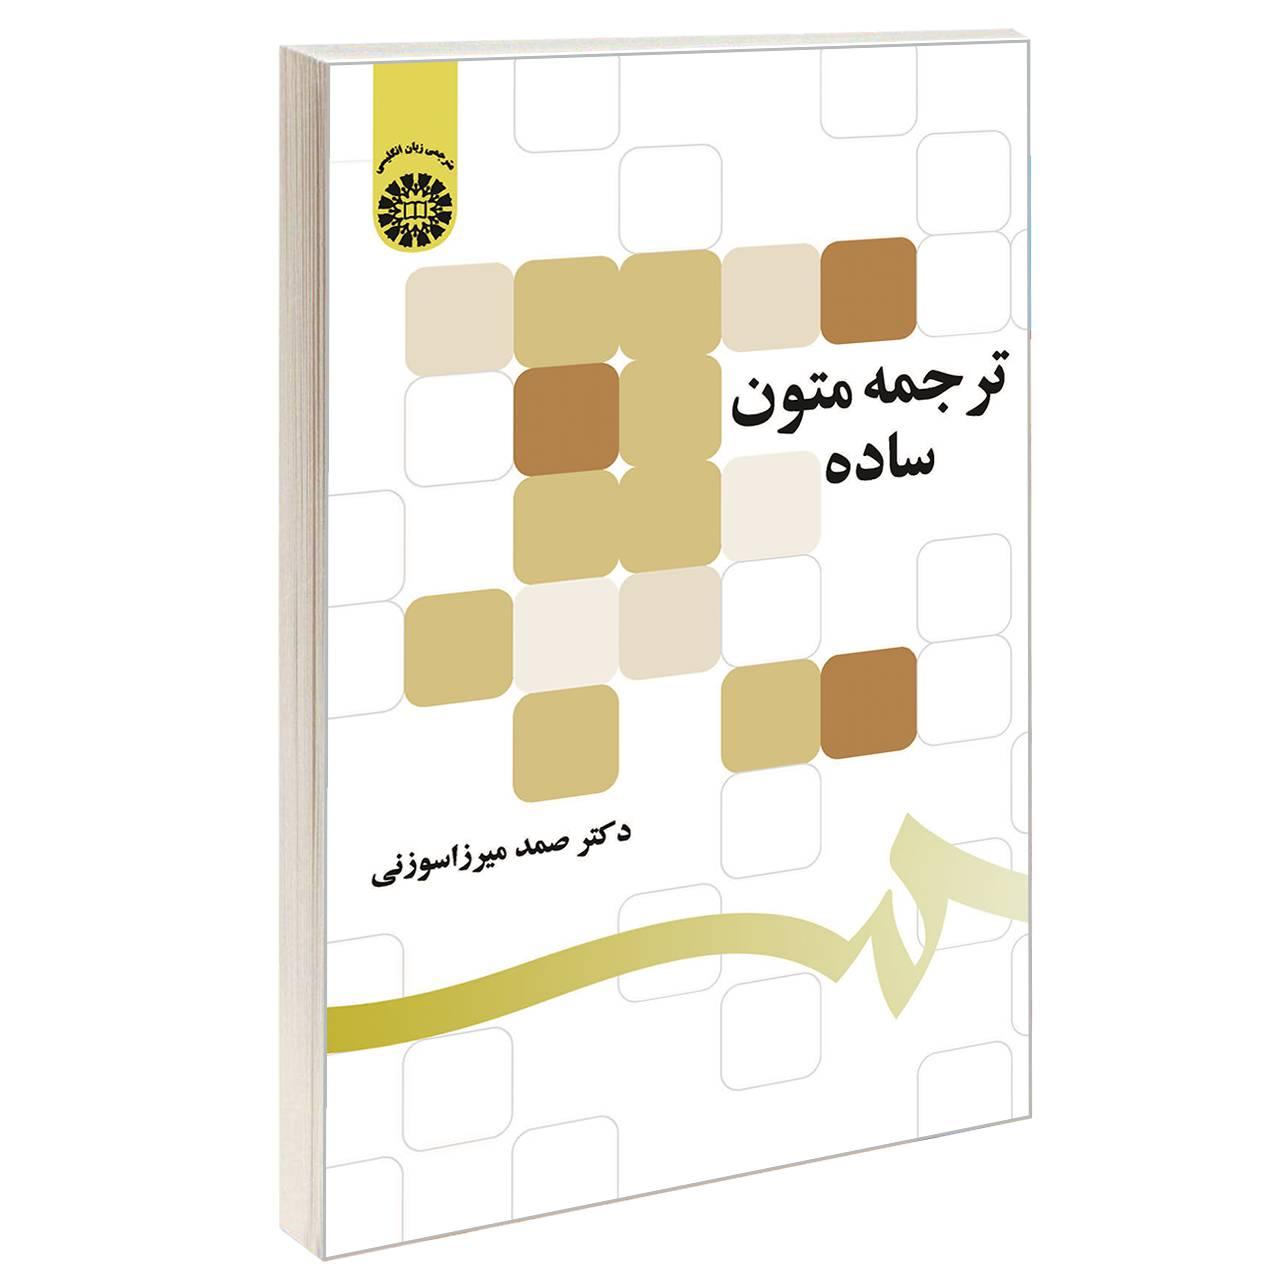 خرید                      کتاب ترجمه متون ساده اثر دکتر صمد میرزا سوزنی نشر سمت